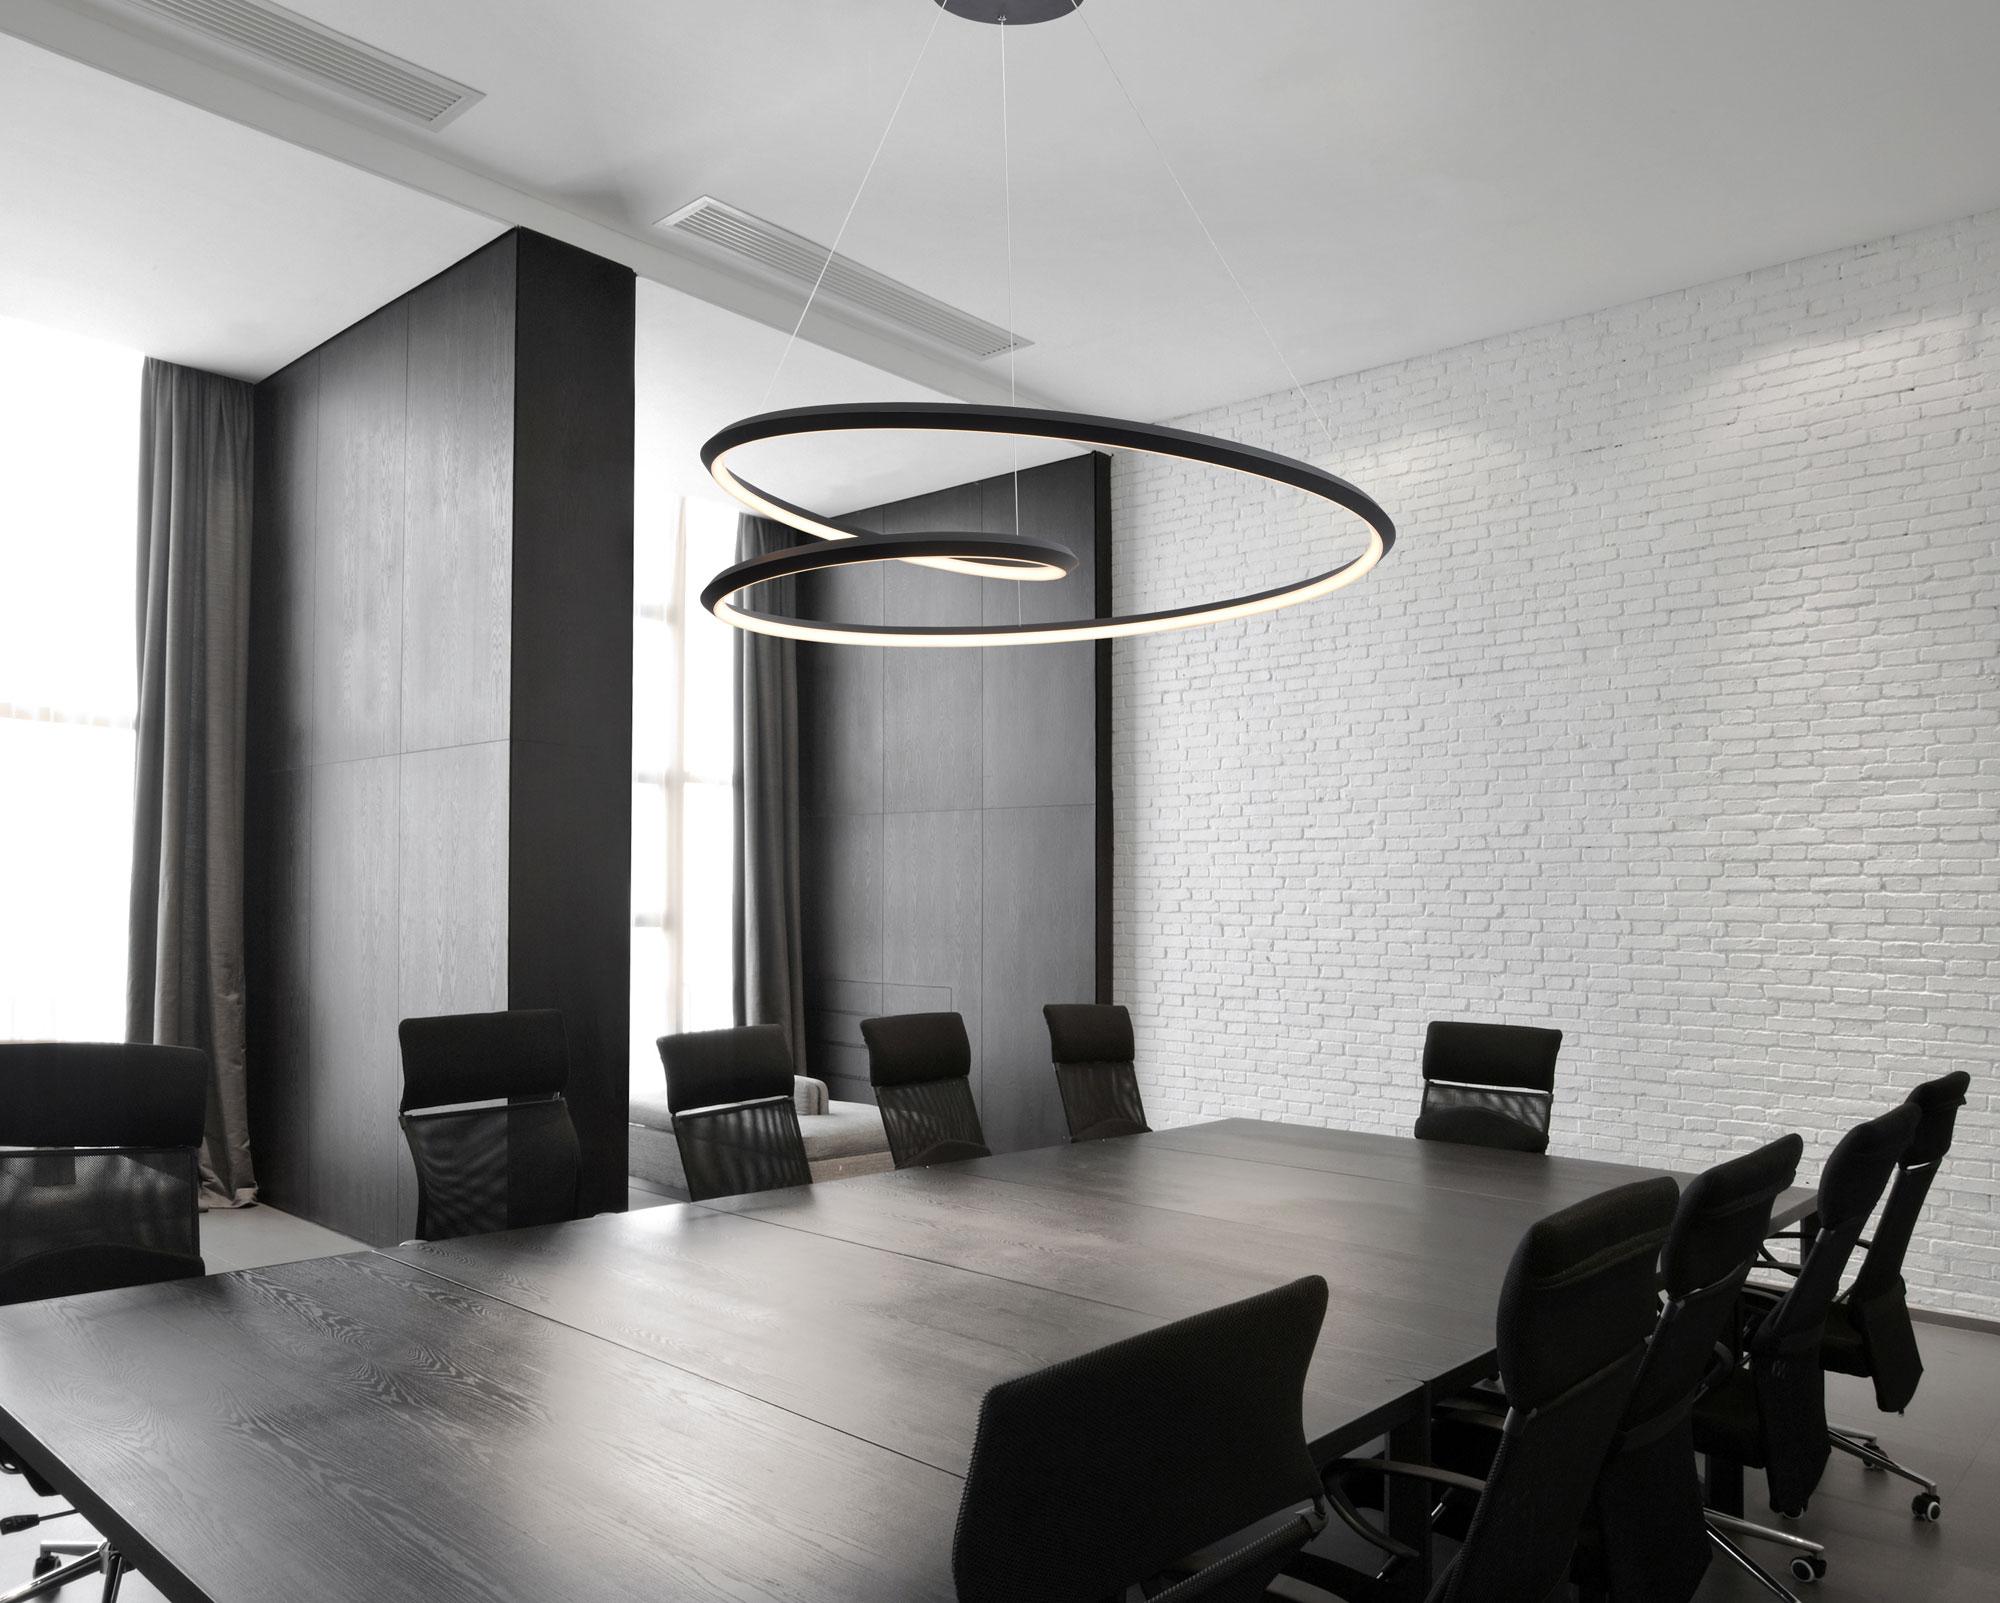 installation gallery dining room lighting rh lightology com